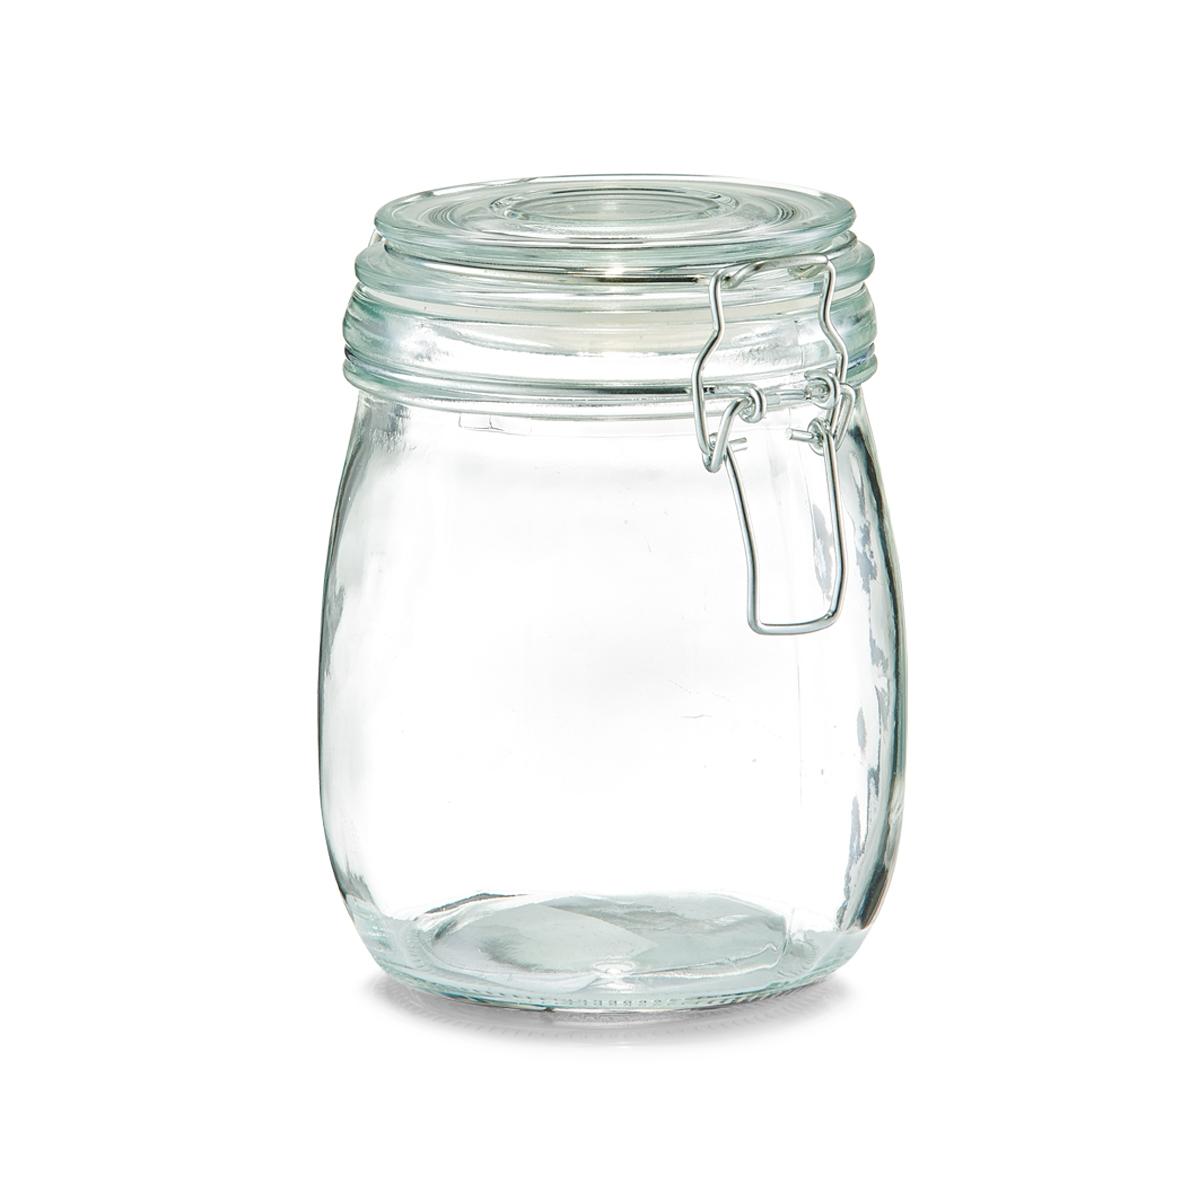 Borcan pentru depozitare cu capac, inchidere ermetica, Clip I Glass, 750 ml, Ø 11xH14 cm imagine